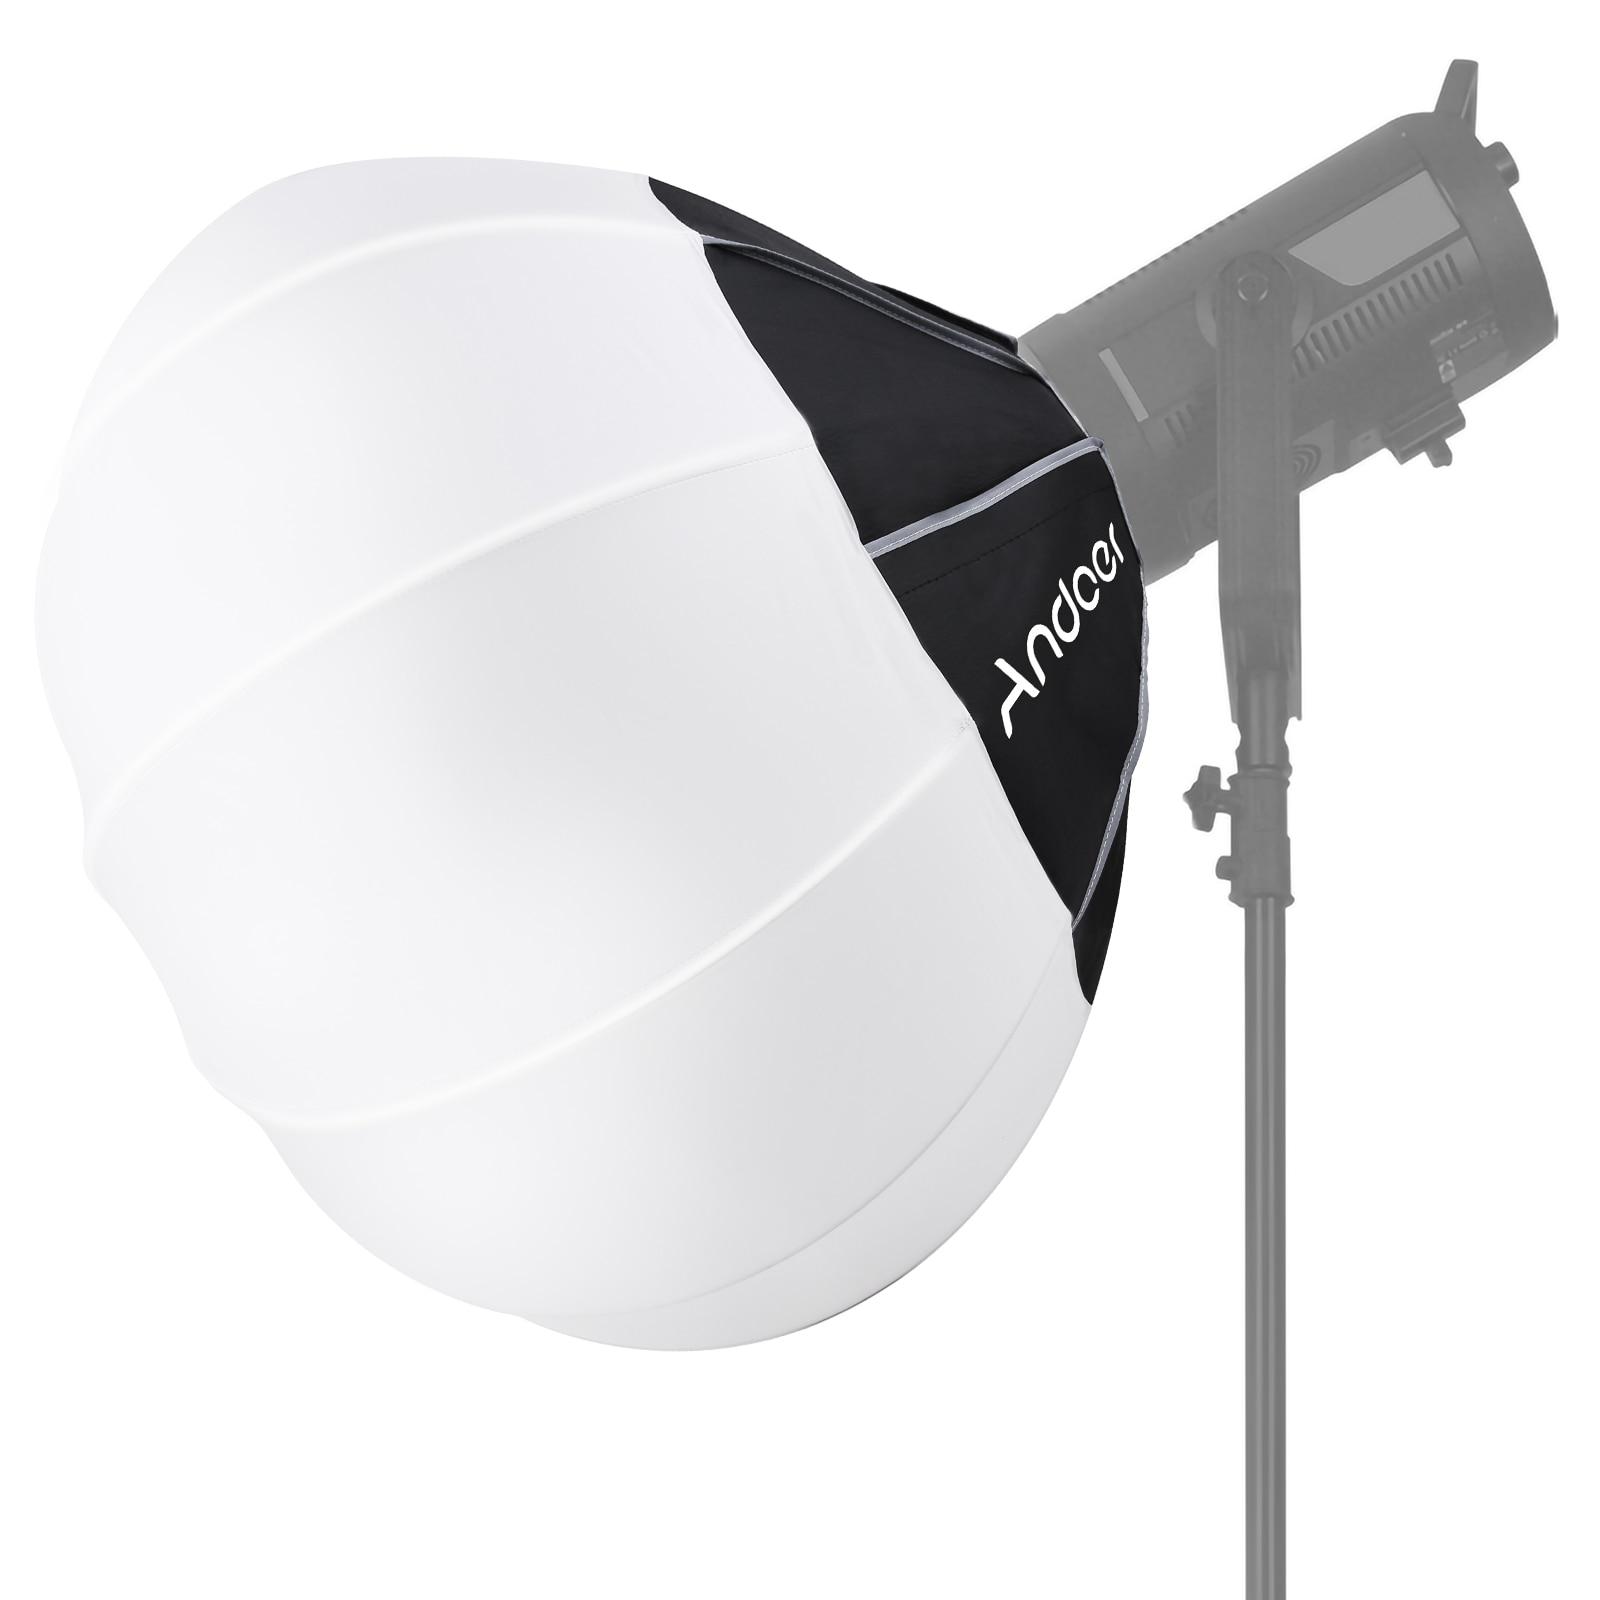 Andoer фонарь софтбокс Сферический складной софтбокс быстрая установка Bowens крепление студия фотографии видео осветительный аксессуар